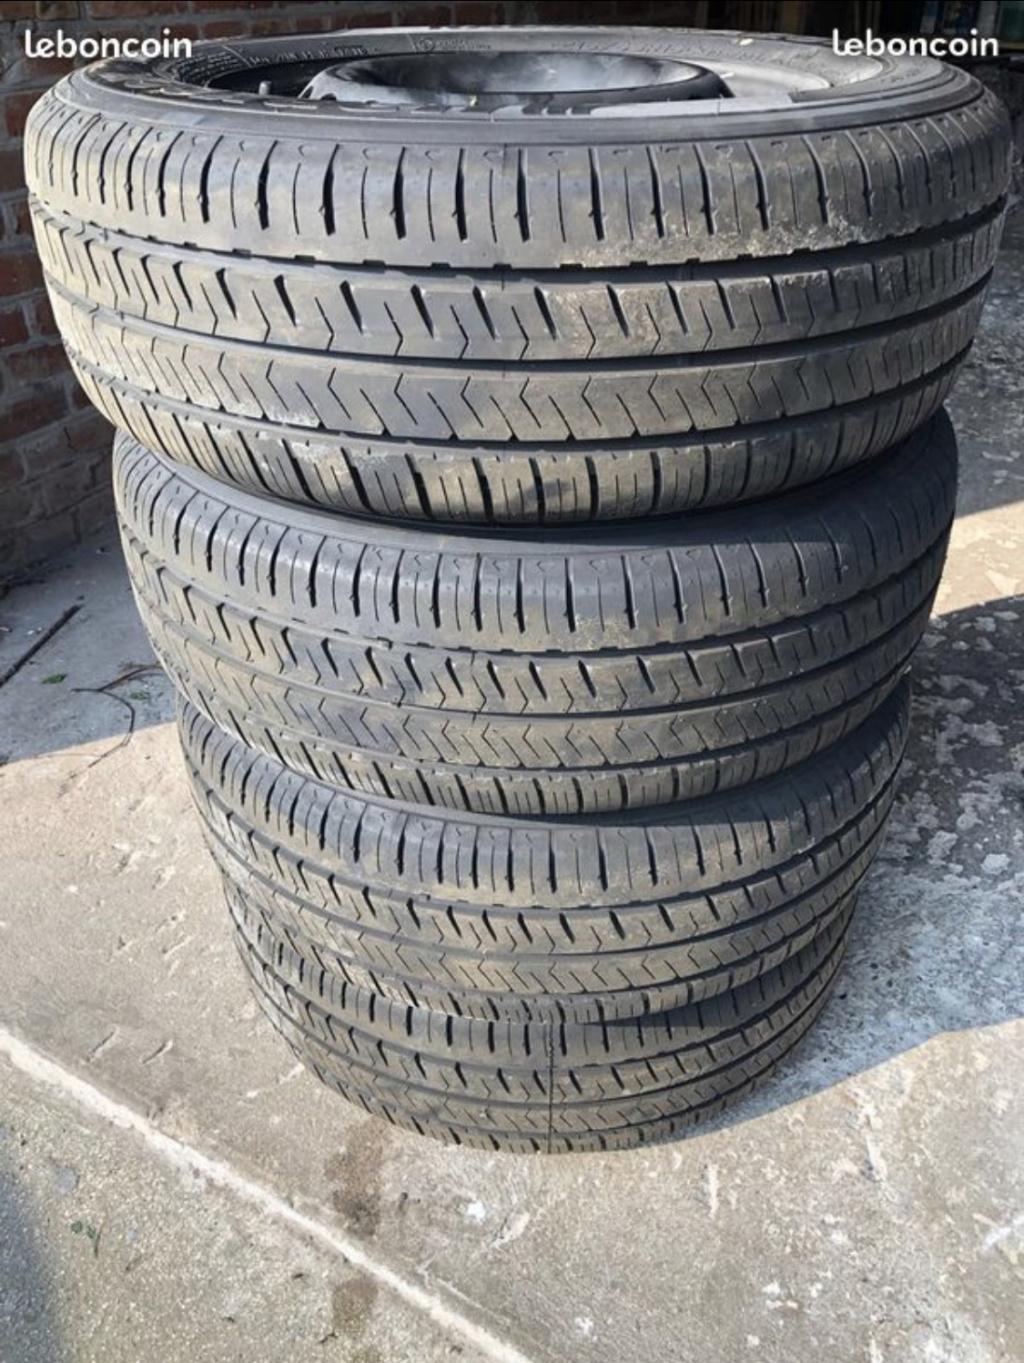 4 Roues + pneus Hankook 215/65R16 + enjoliveurs T6 - Neufs B4dea610